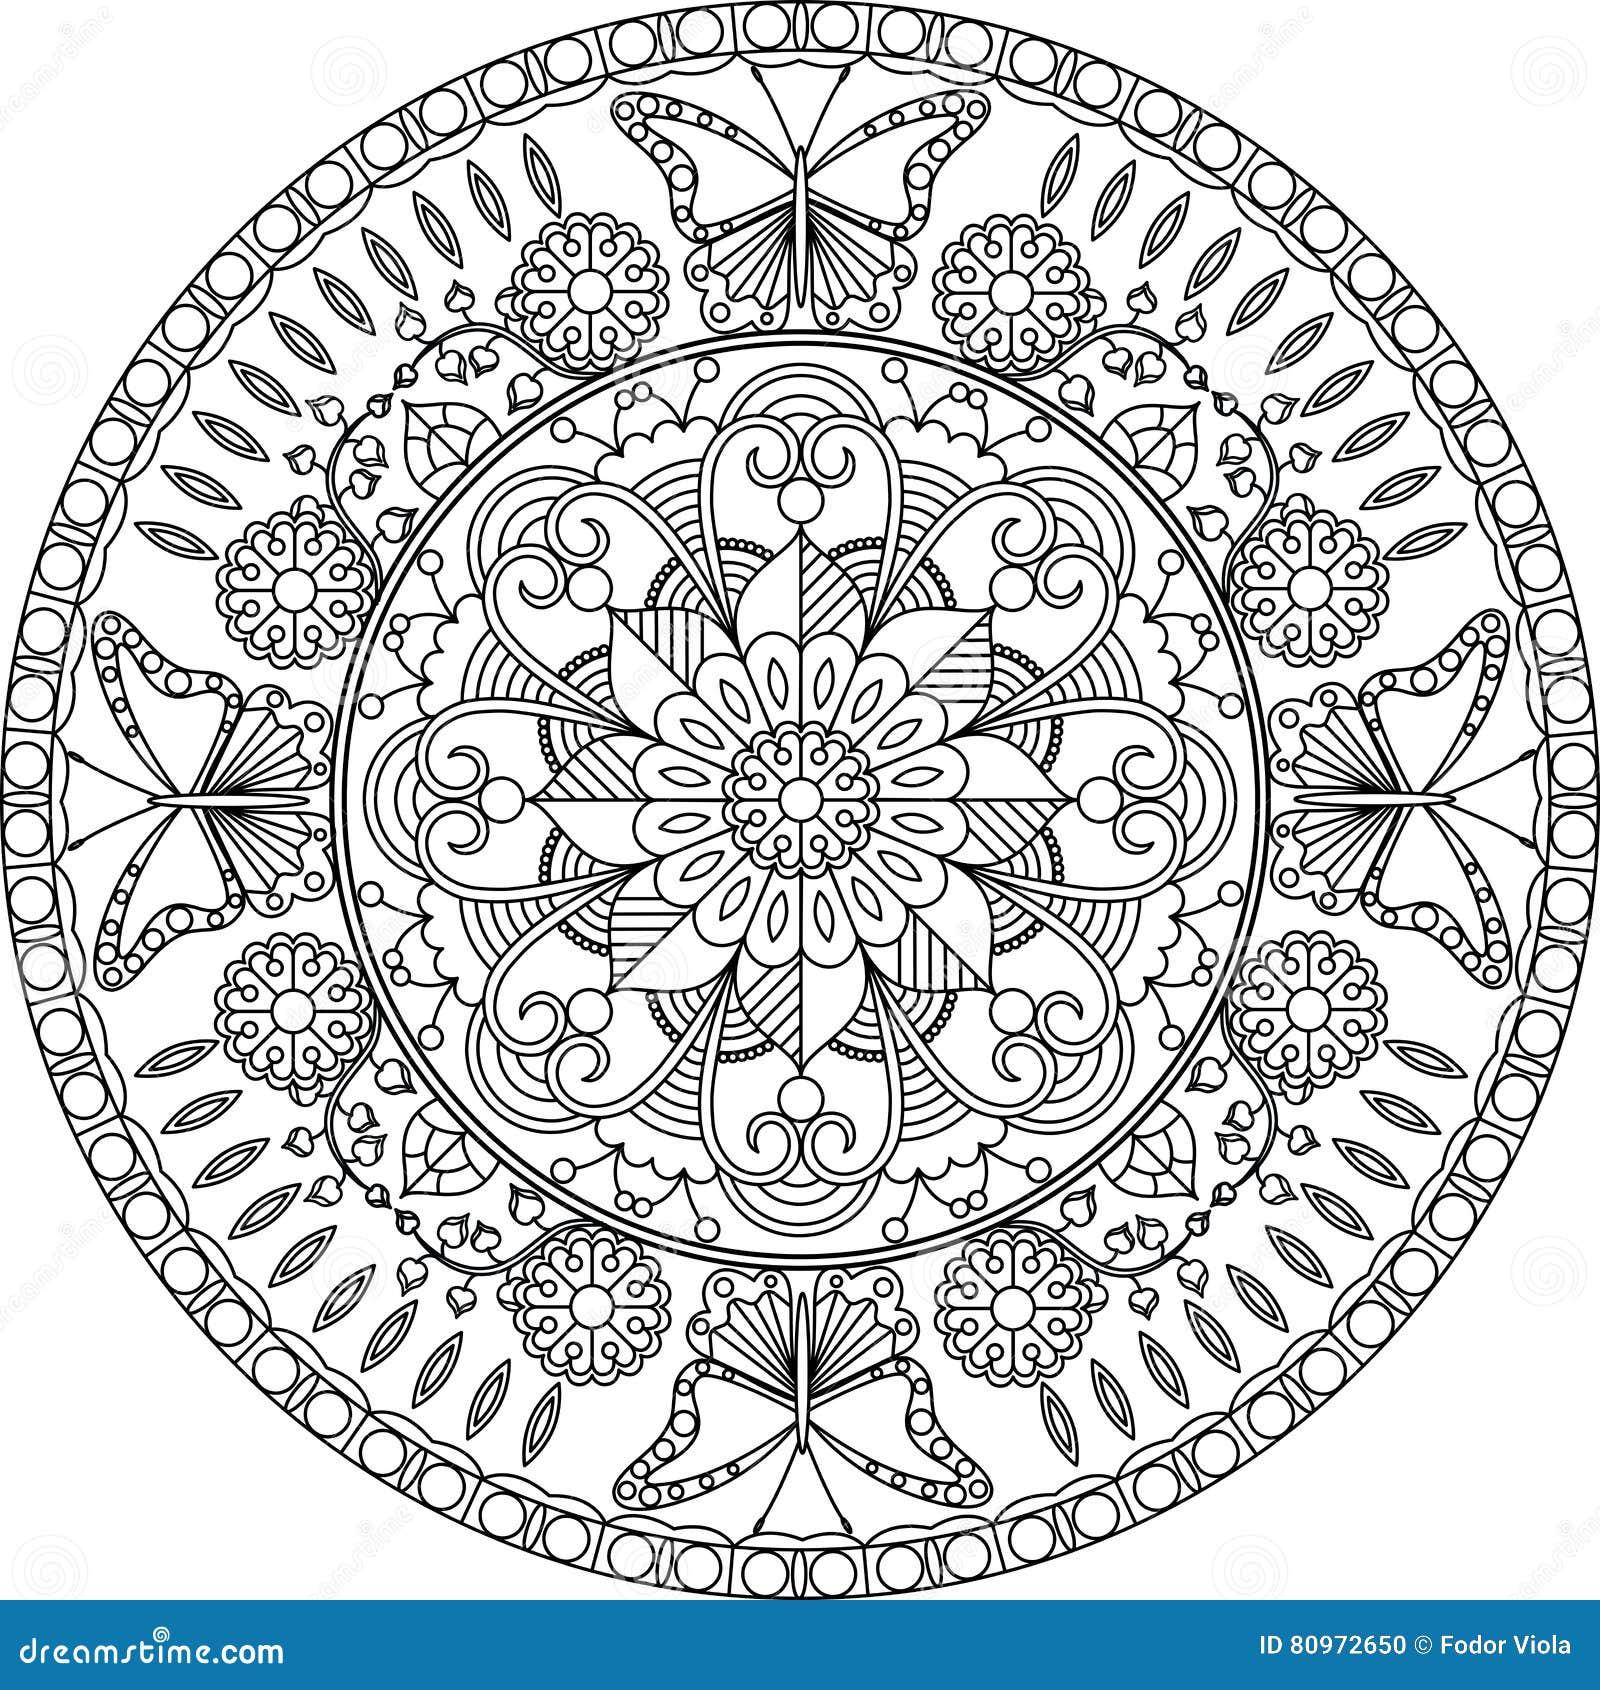 volwassen kleurende pagina mandala met bloemen en